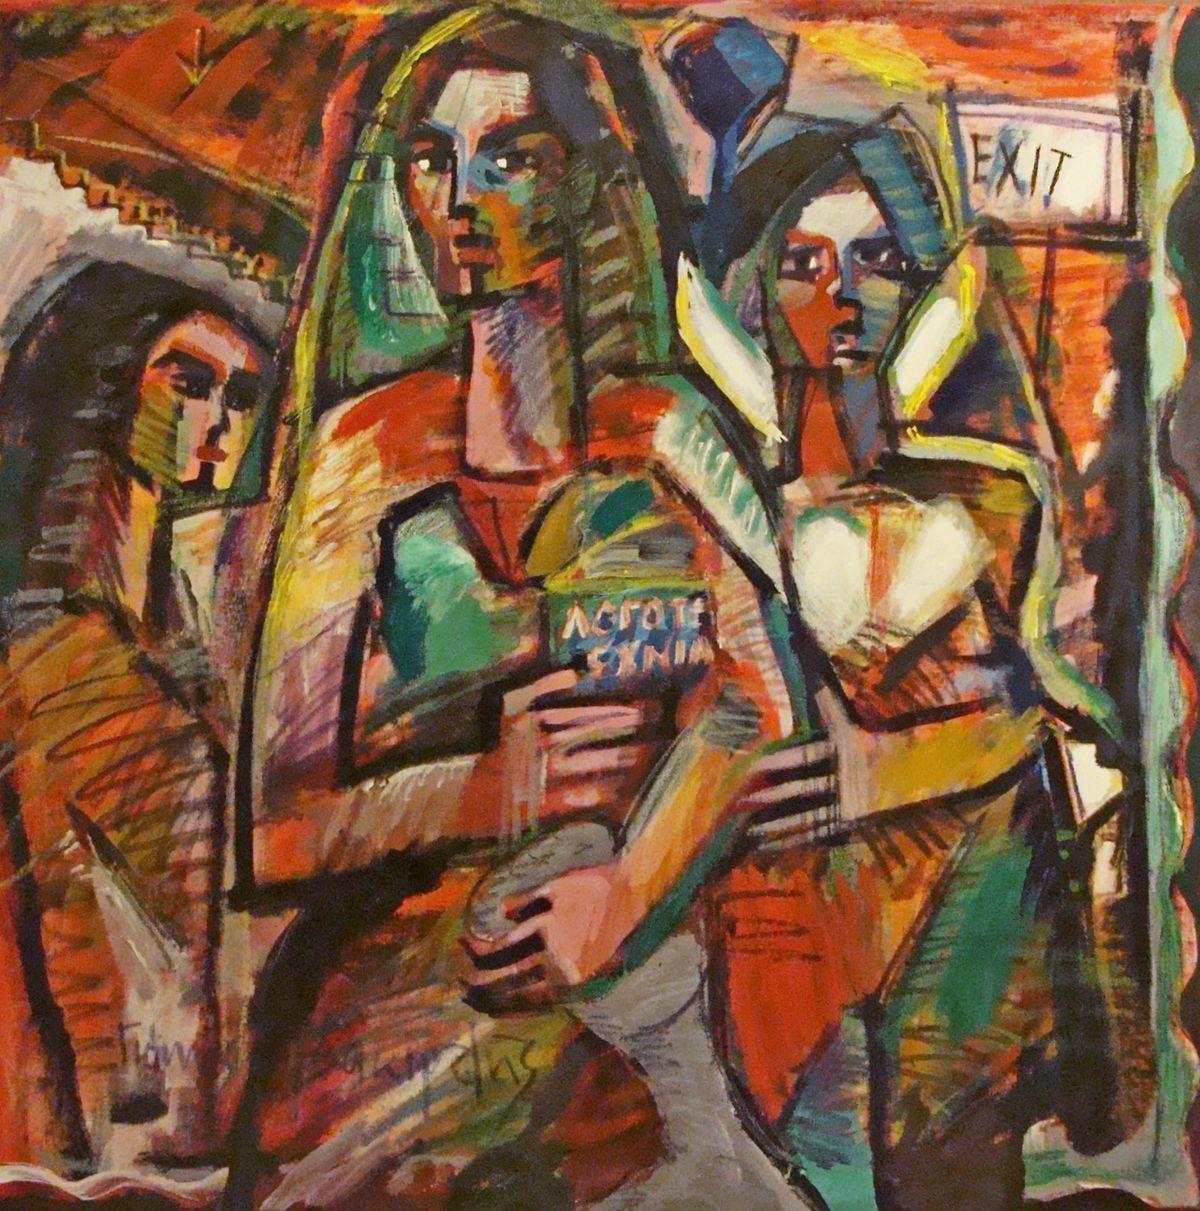 Γιάννης Βακιρτζής 100×100 Λάδι σε καμβά Yiannis Vakirtzis 100×100 Oils on canvas.jpg